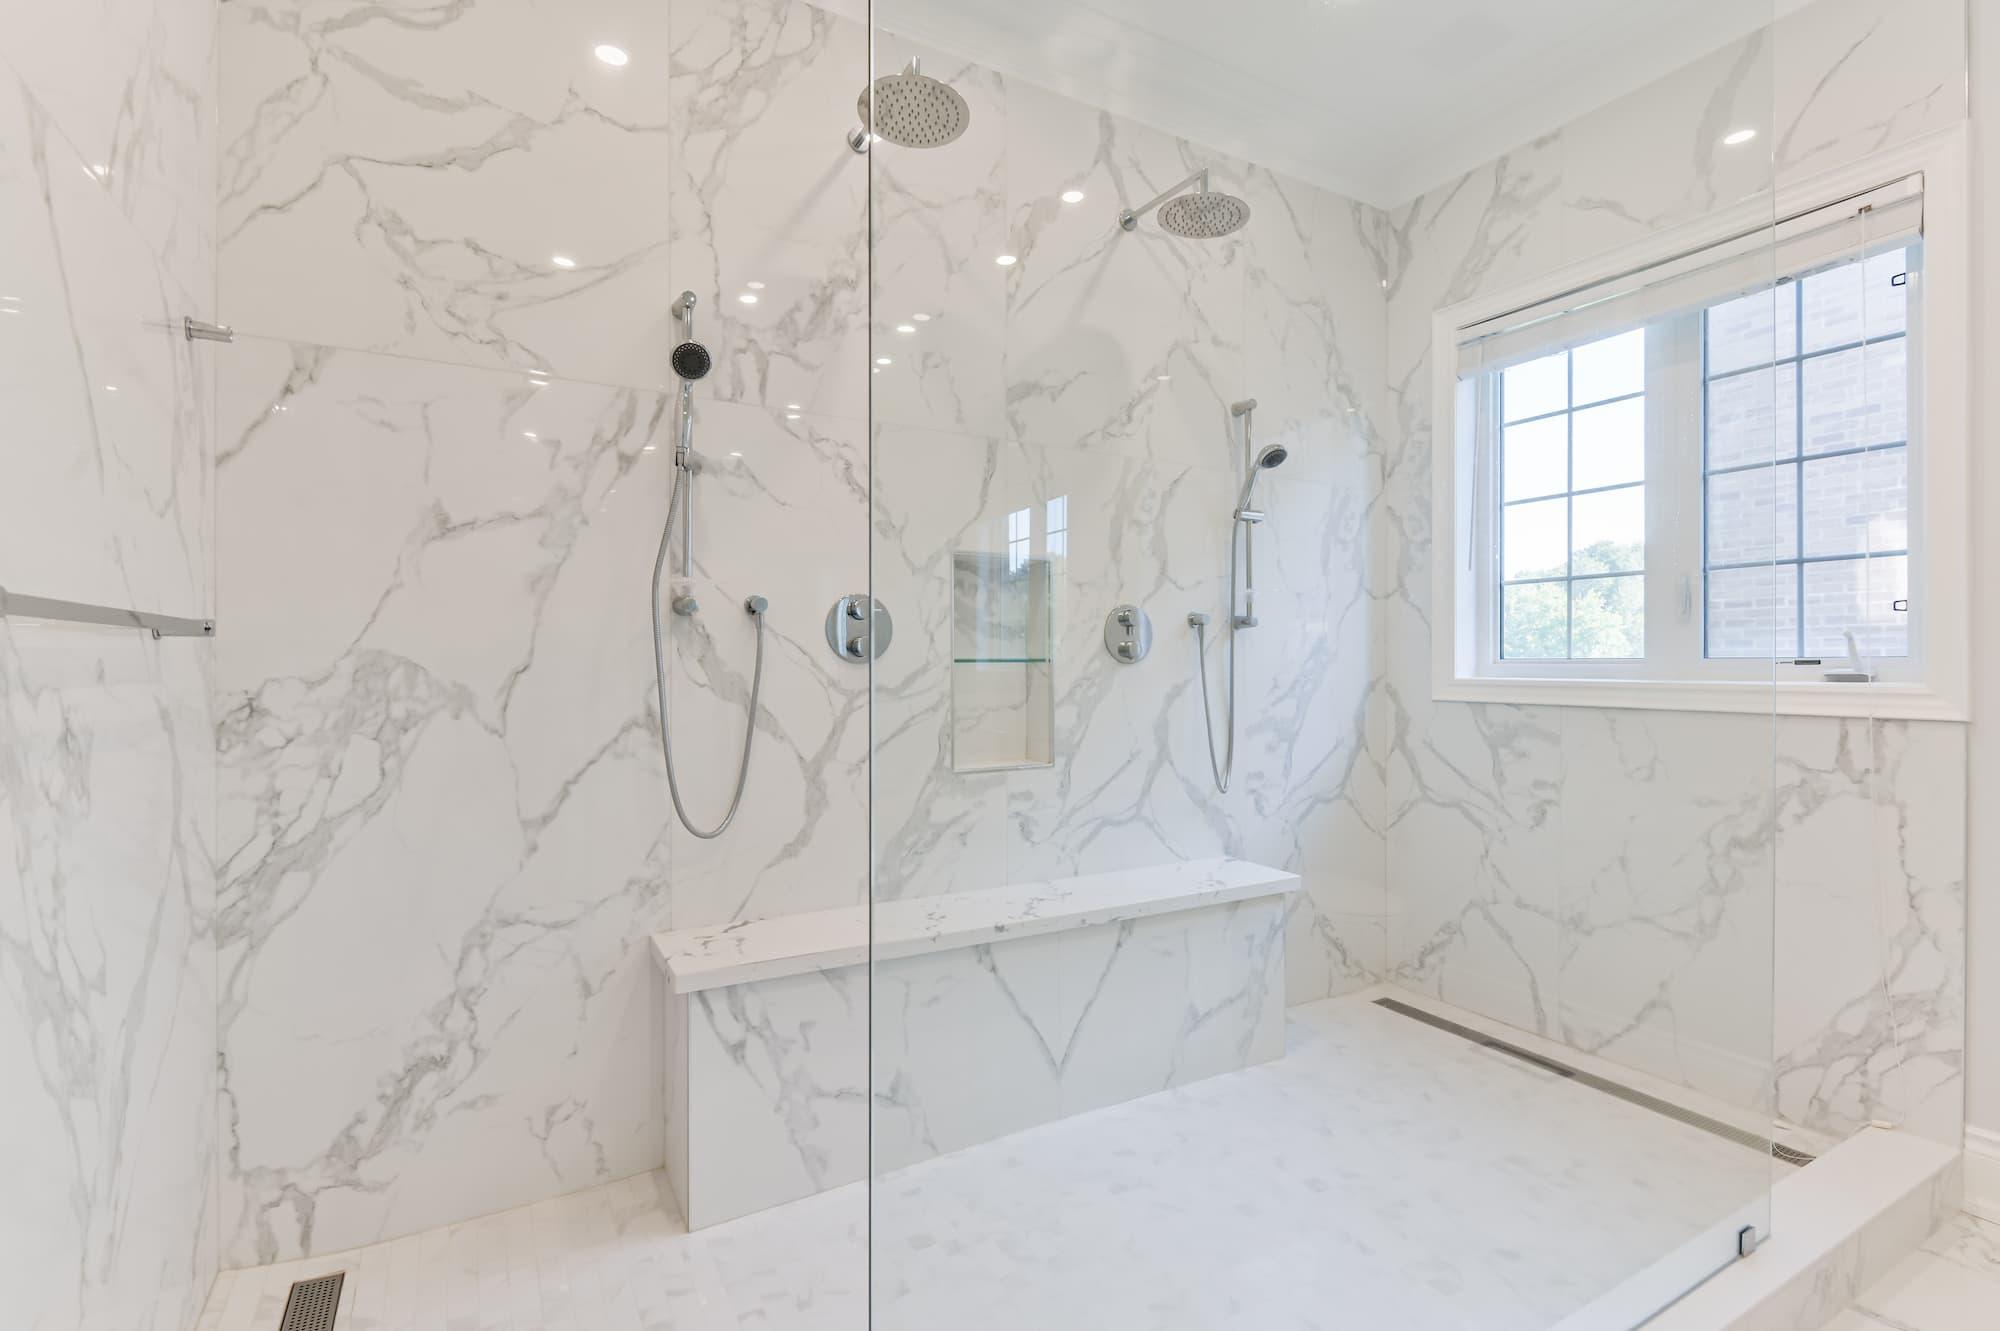 rénovation d'une salle de bain au style classic avec céramique imitation de marbre